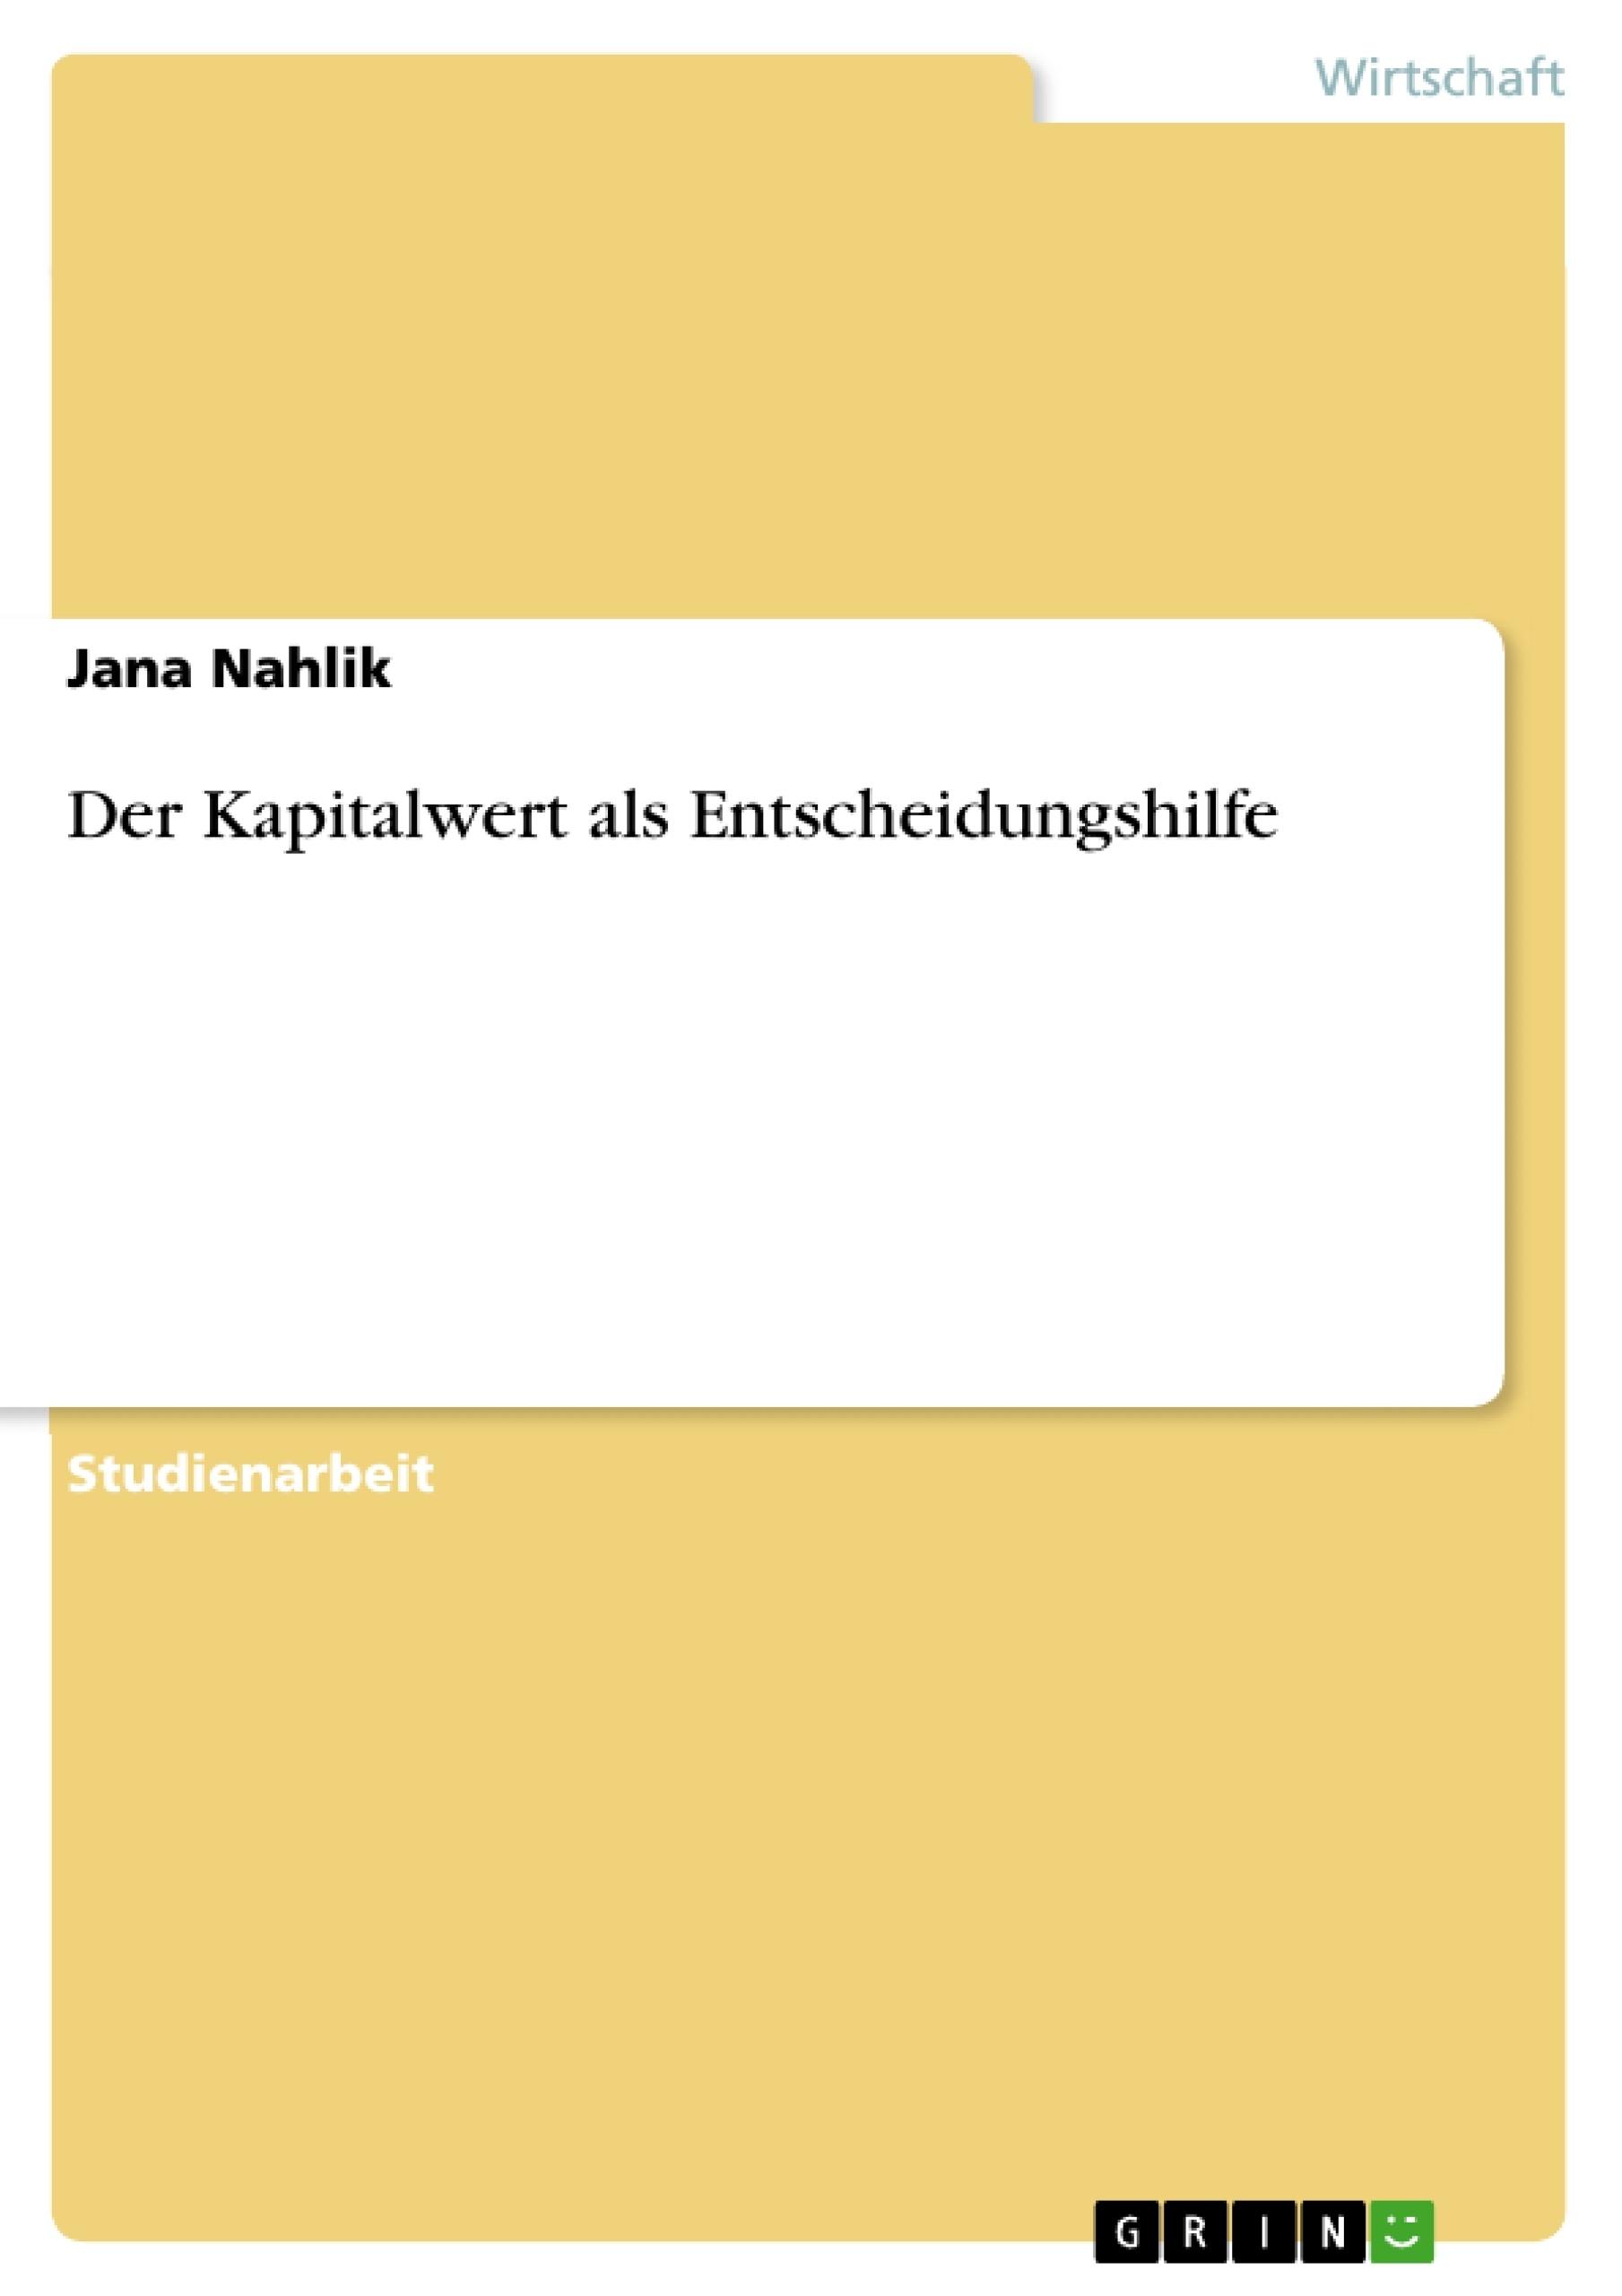 Titel: Der Kapitalwert als Entscheidungshilfe